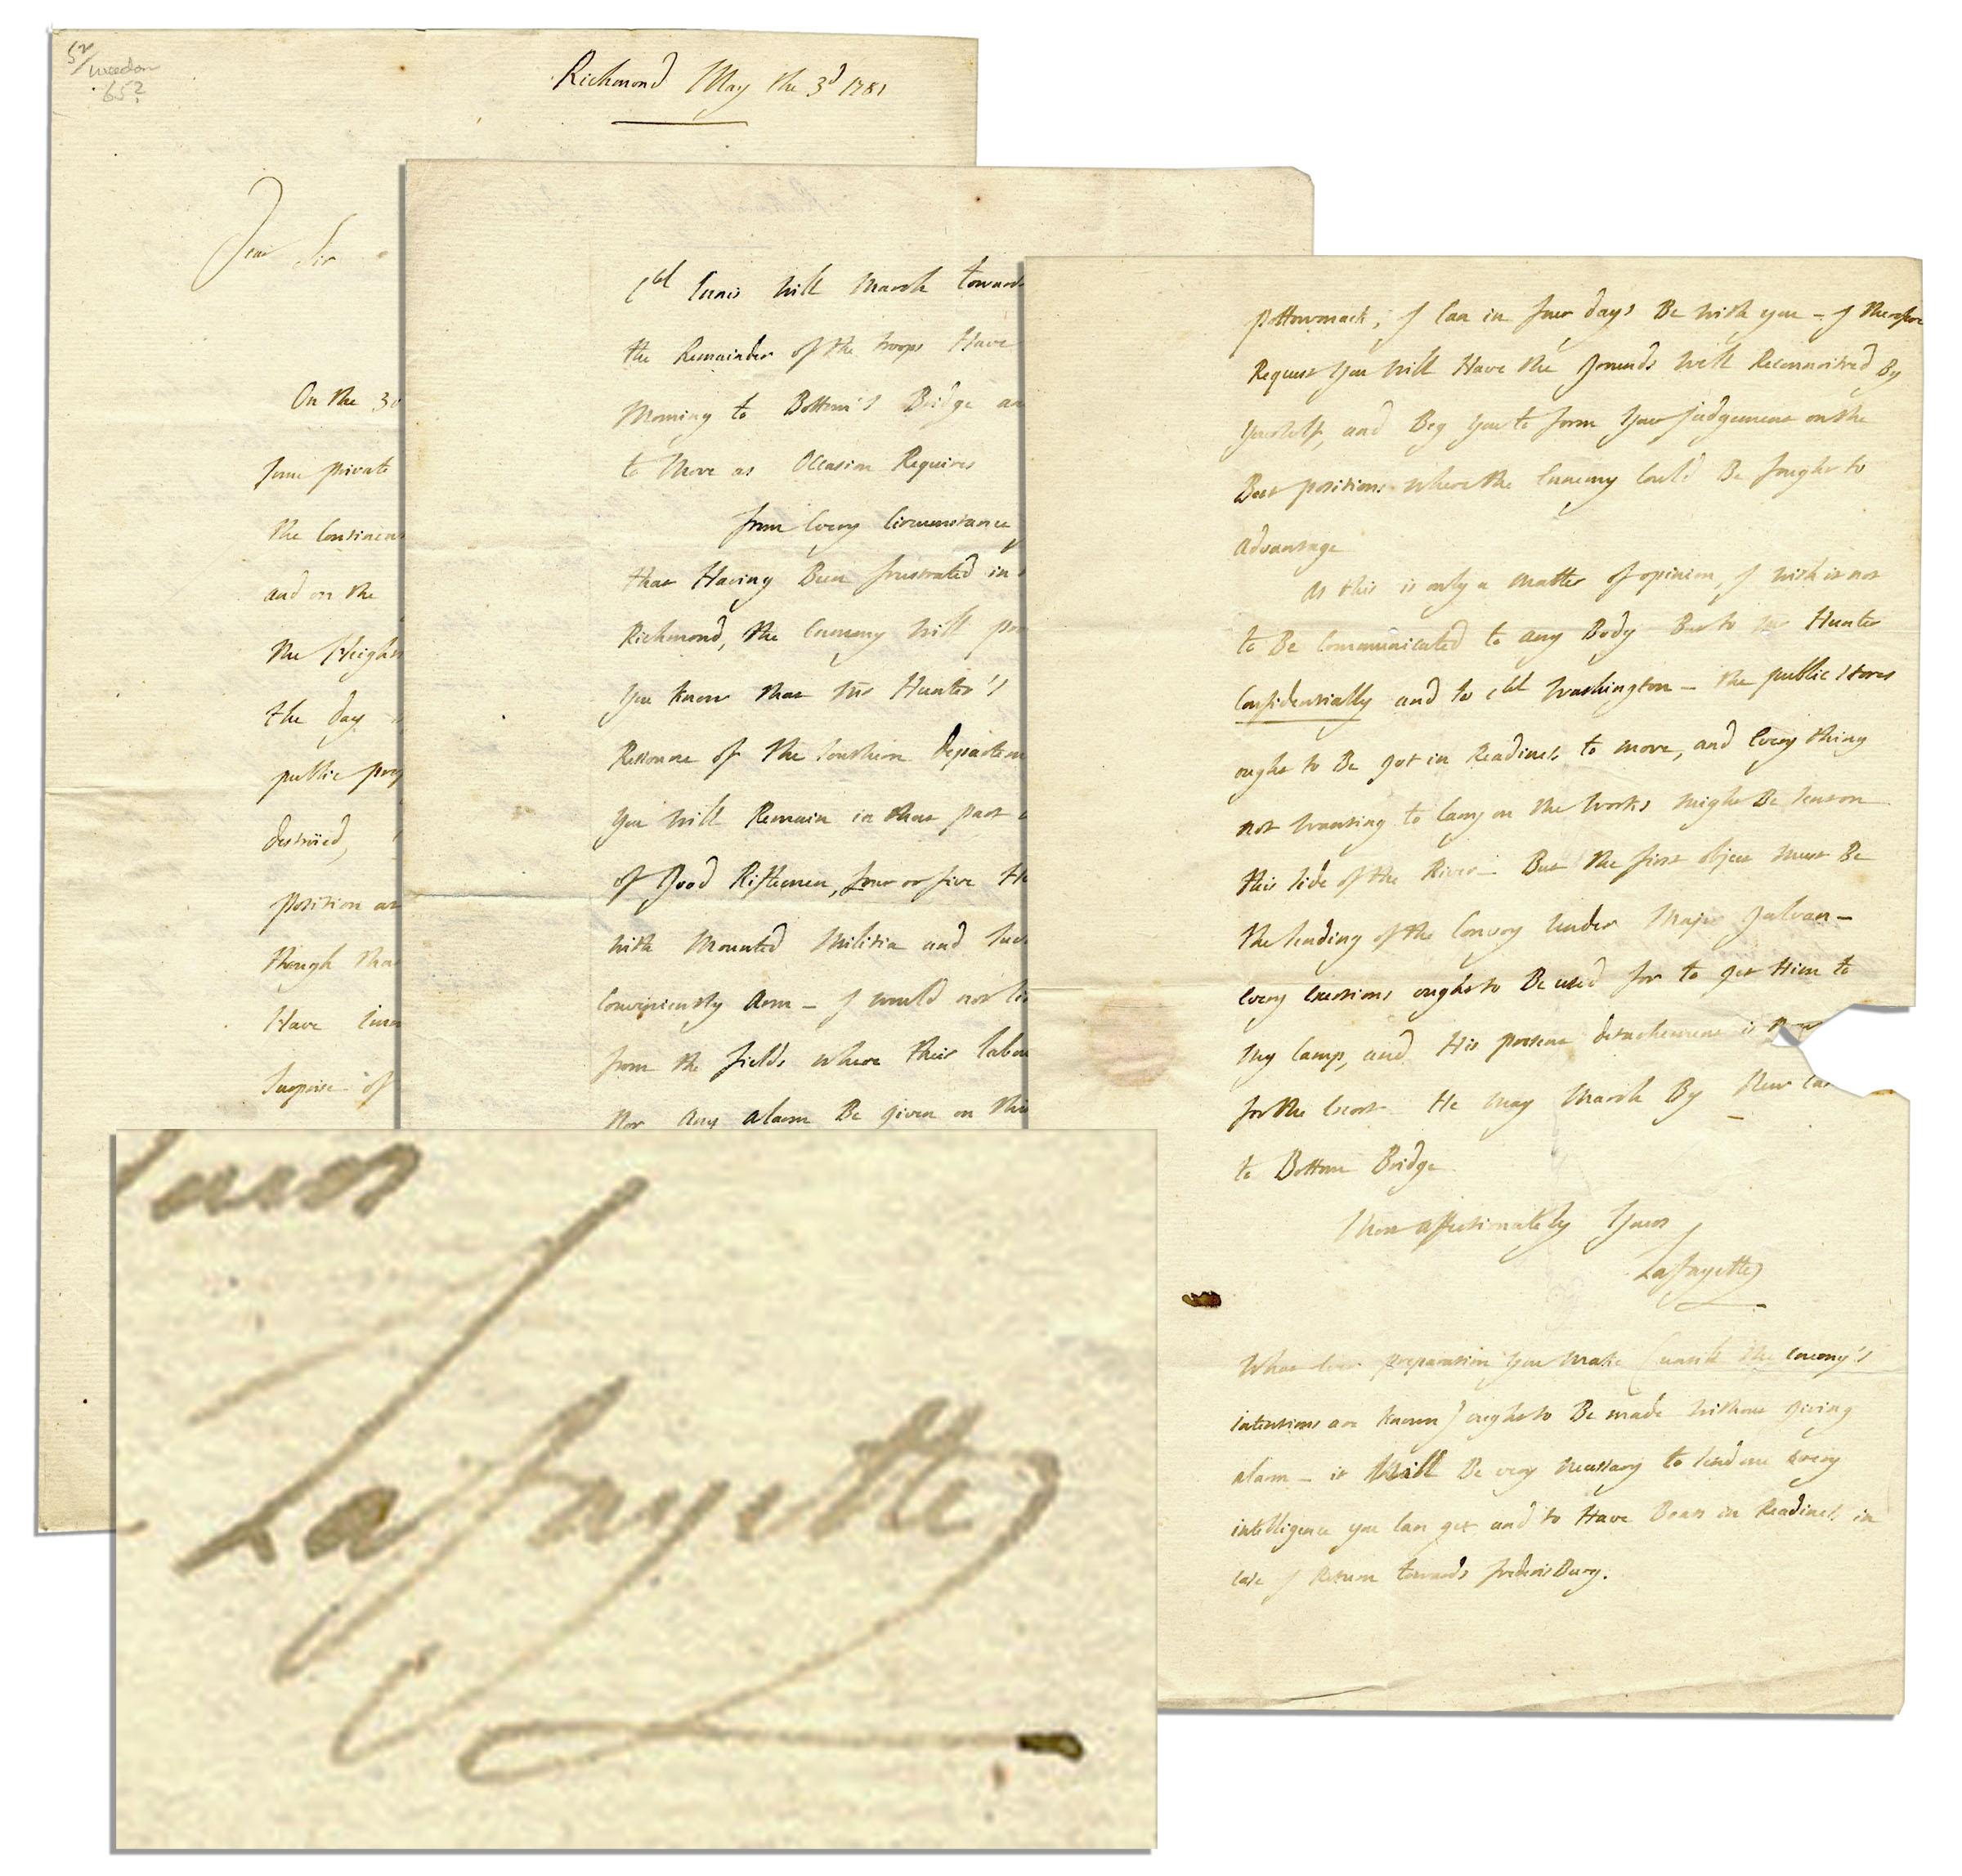 Lafayette Autograph